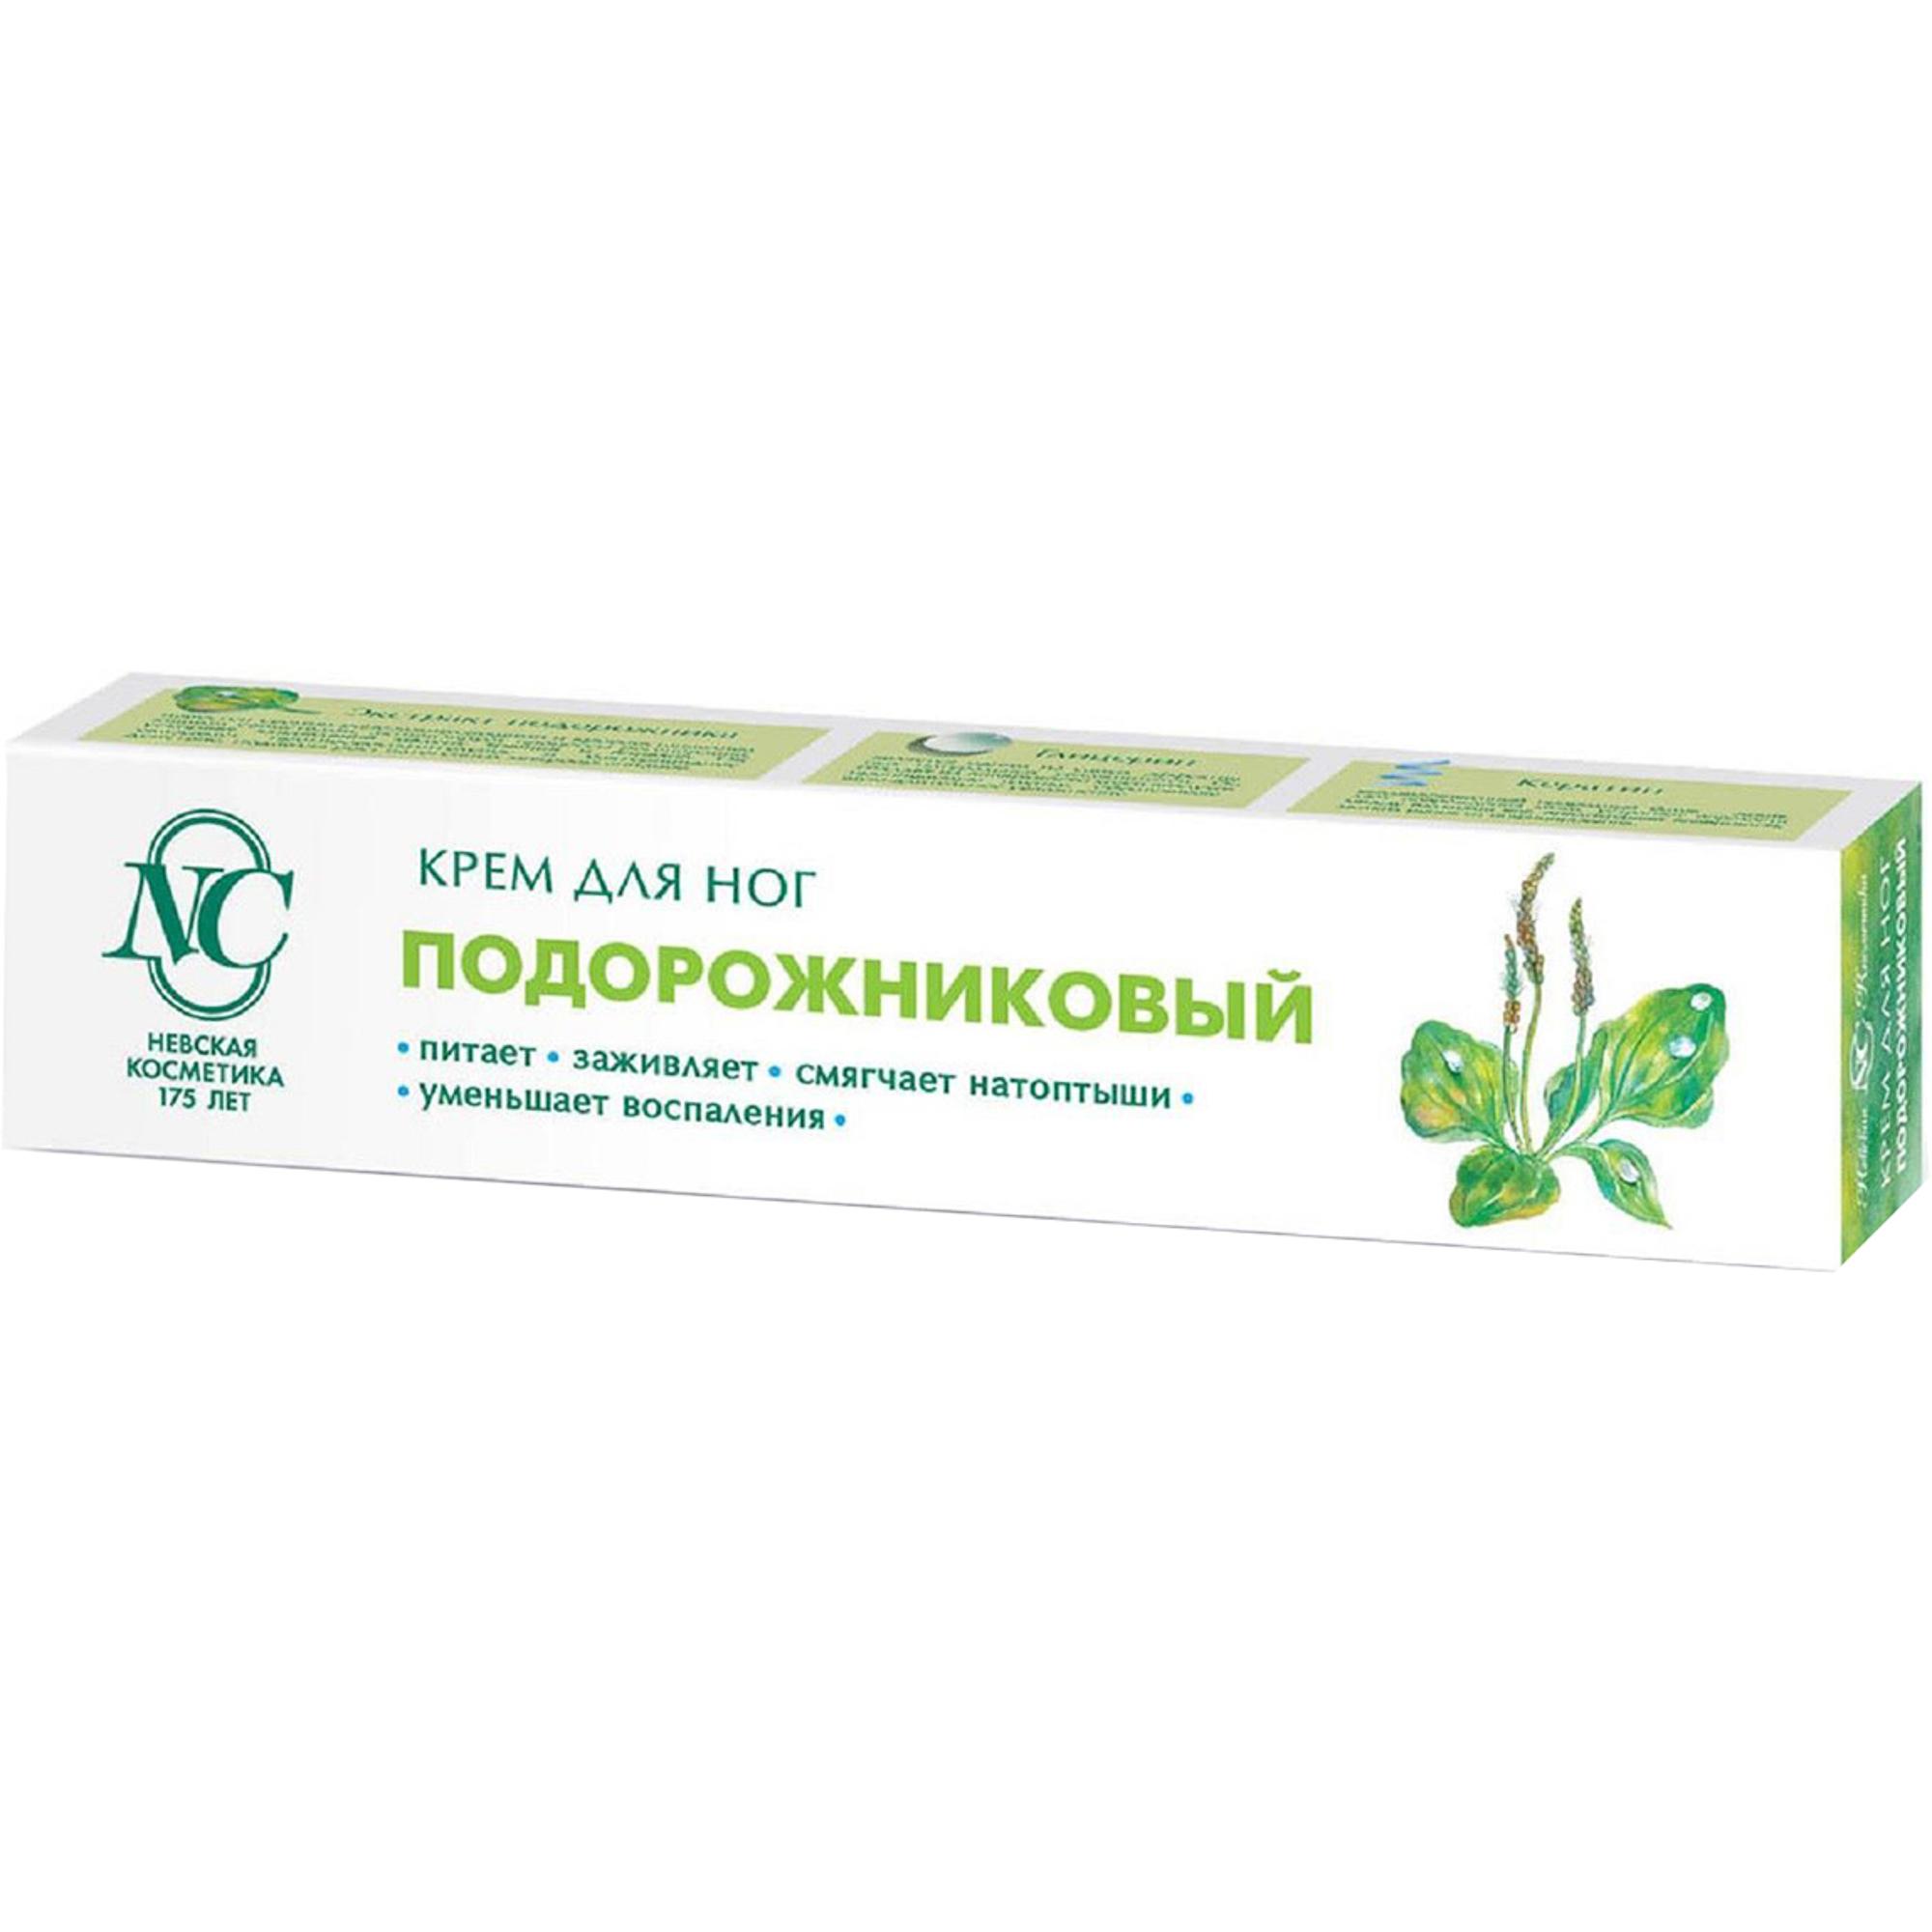 Крем для ног Невская Косметика Подорожниковый 50 мл недорого